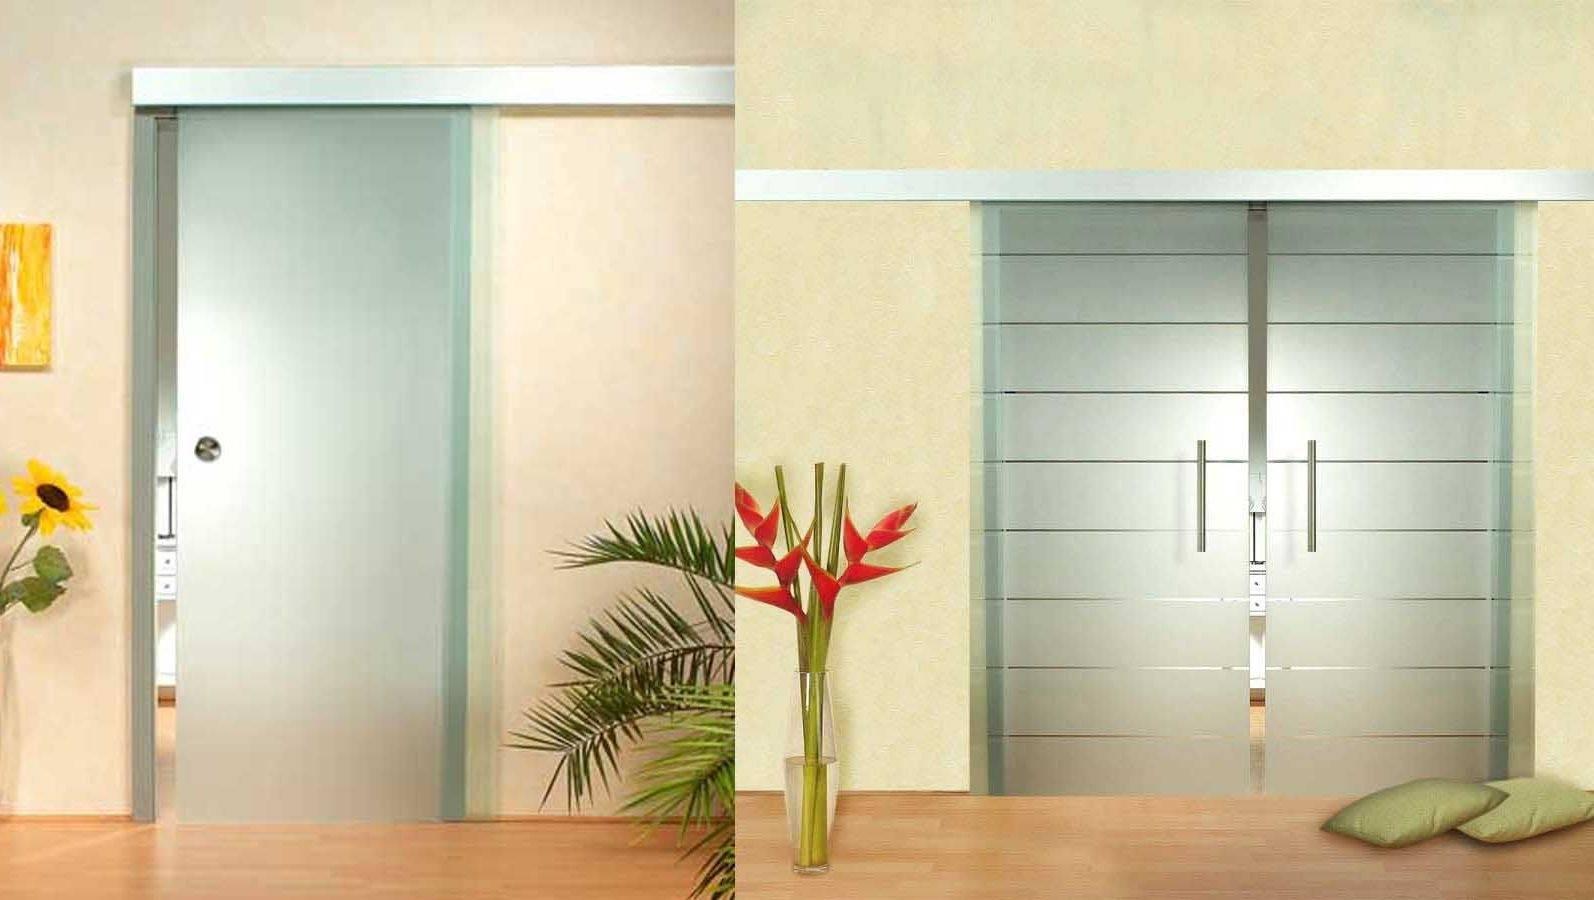 Модные межкомнатные двери 2020 фото – как выбрать межкомнатные двери - современные решения и практичный дизайн (85 фото новинок 2020 года)